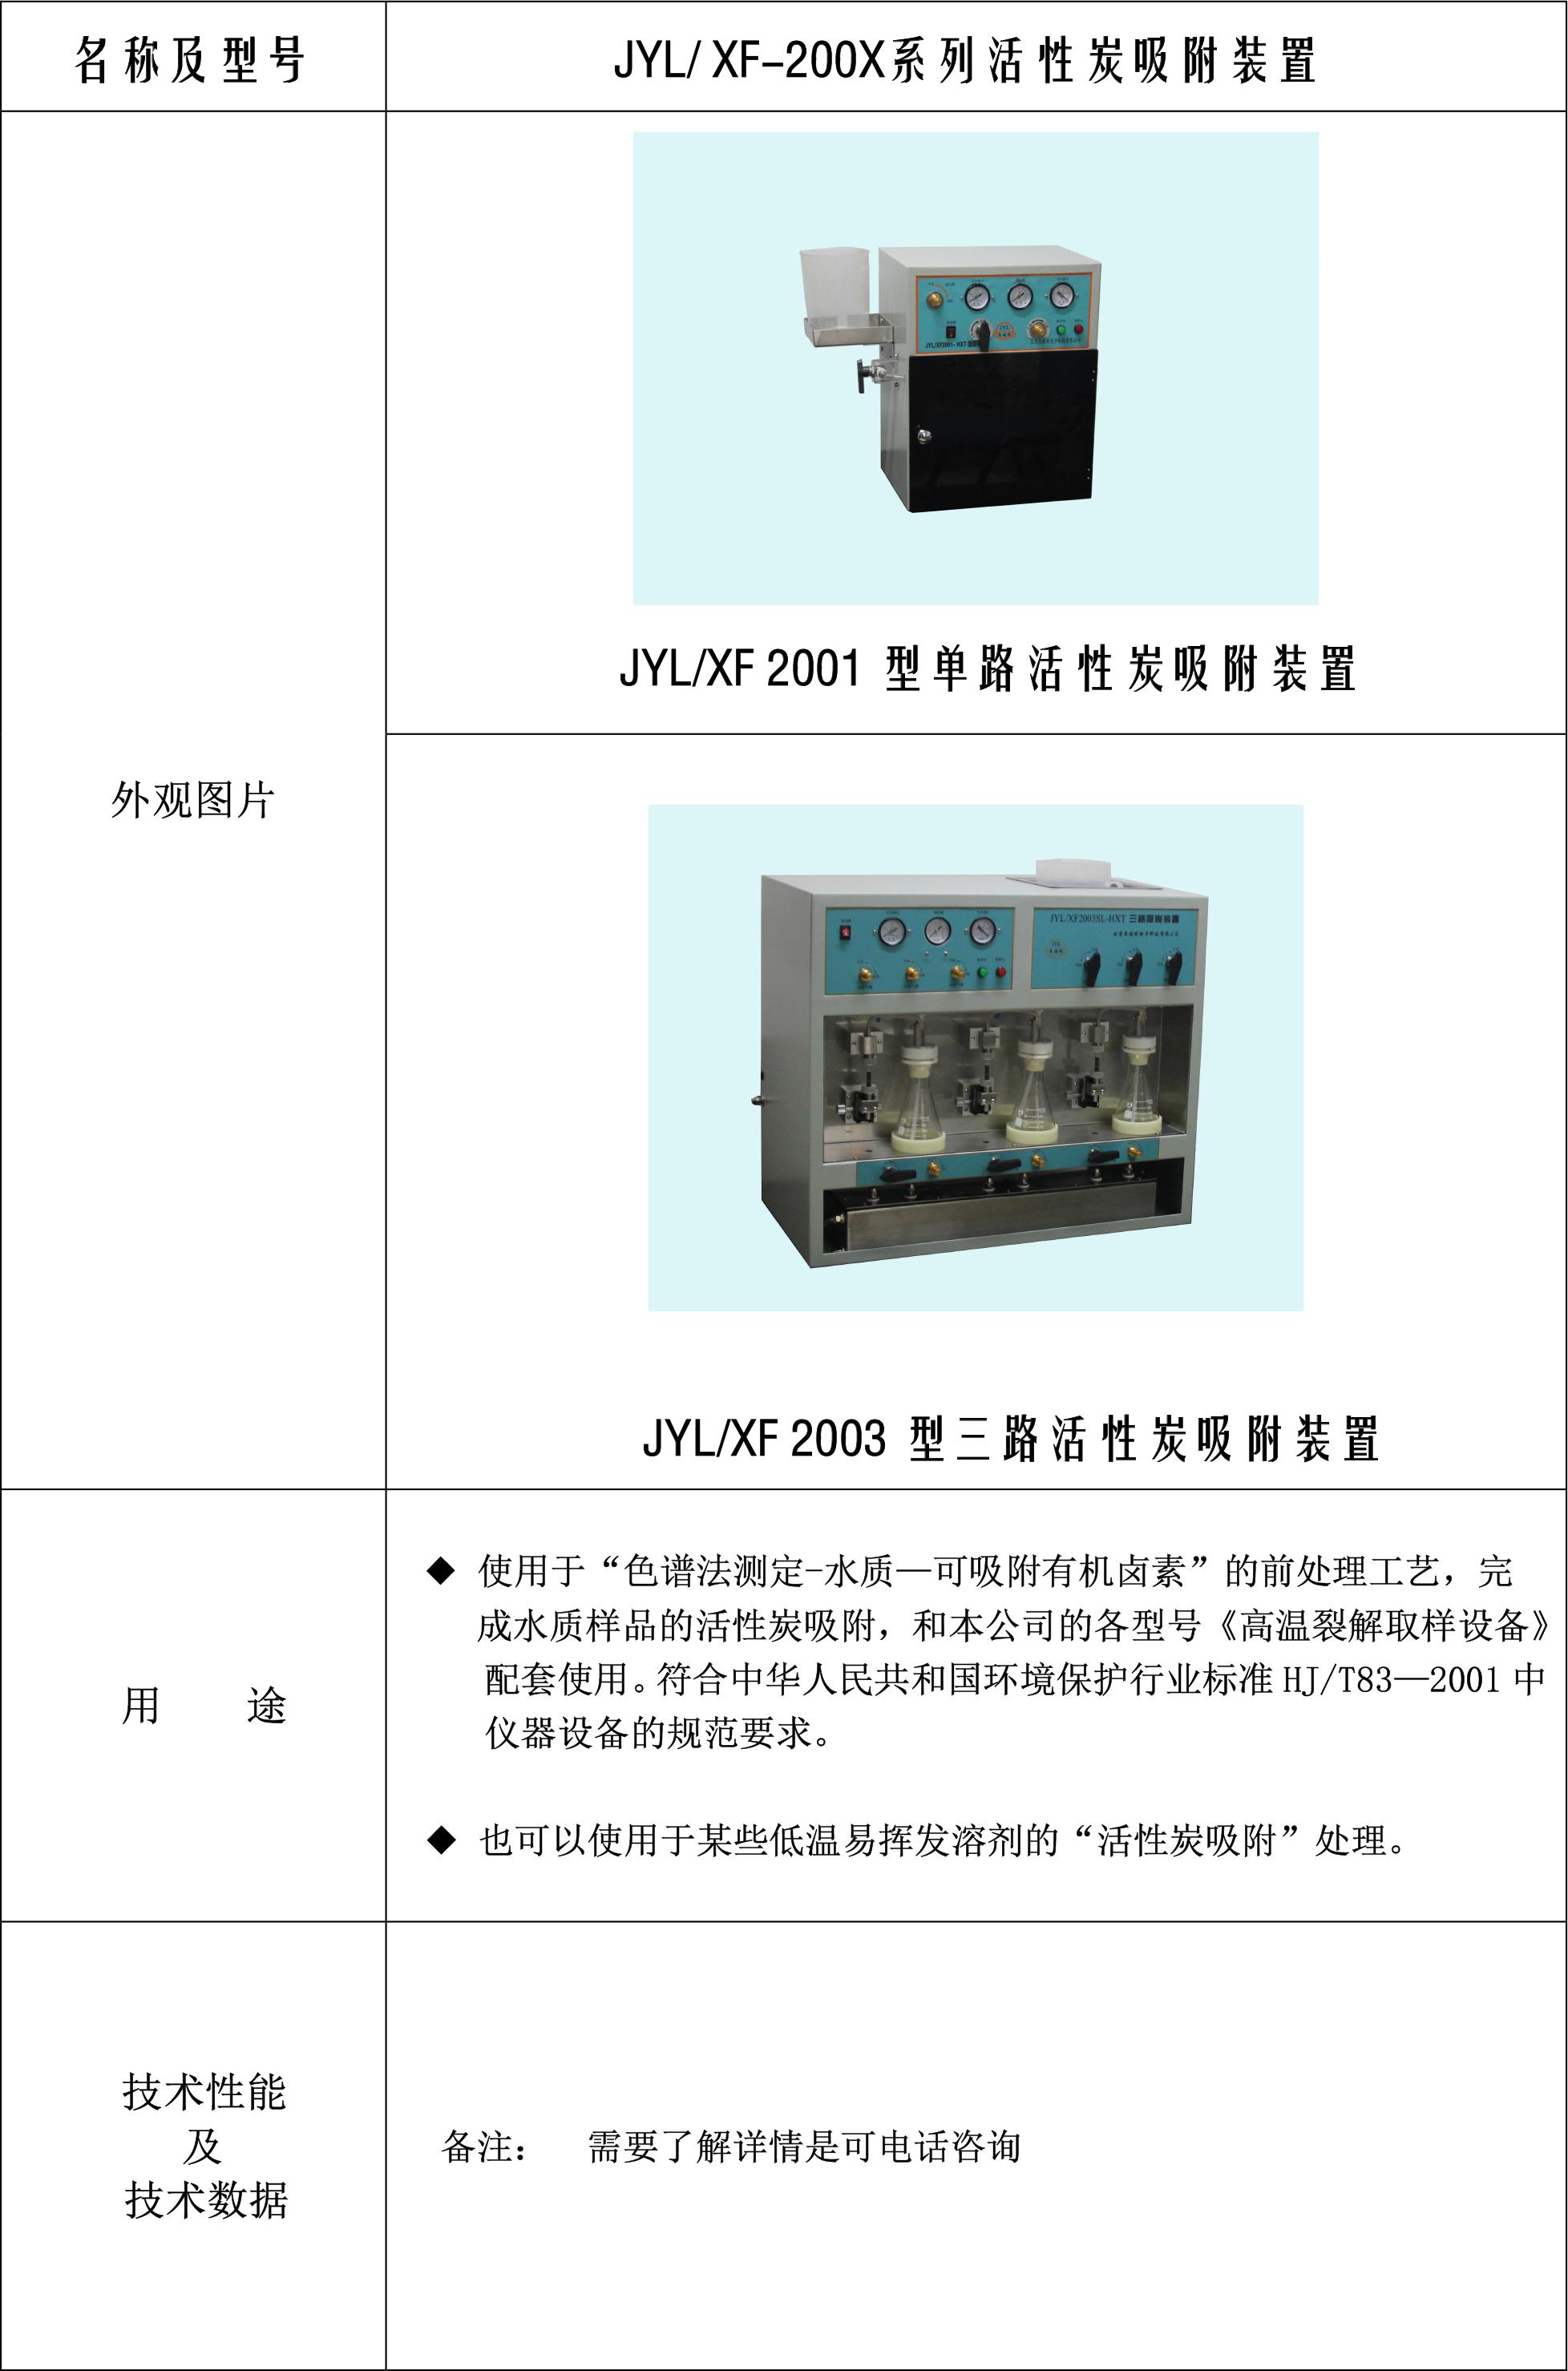 網站產品參數圖片-002活性炭吸附